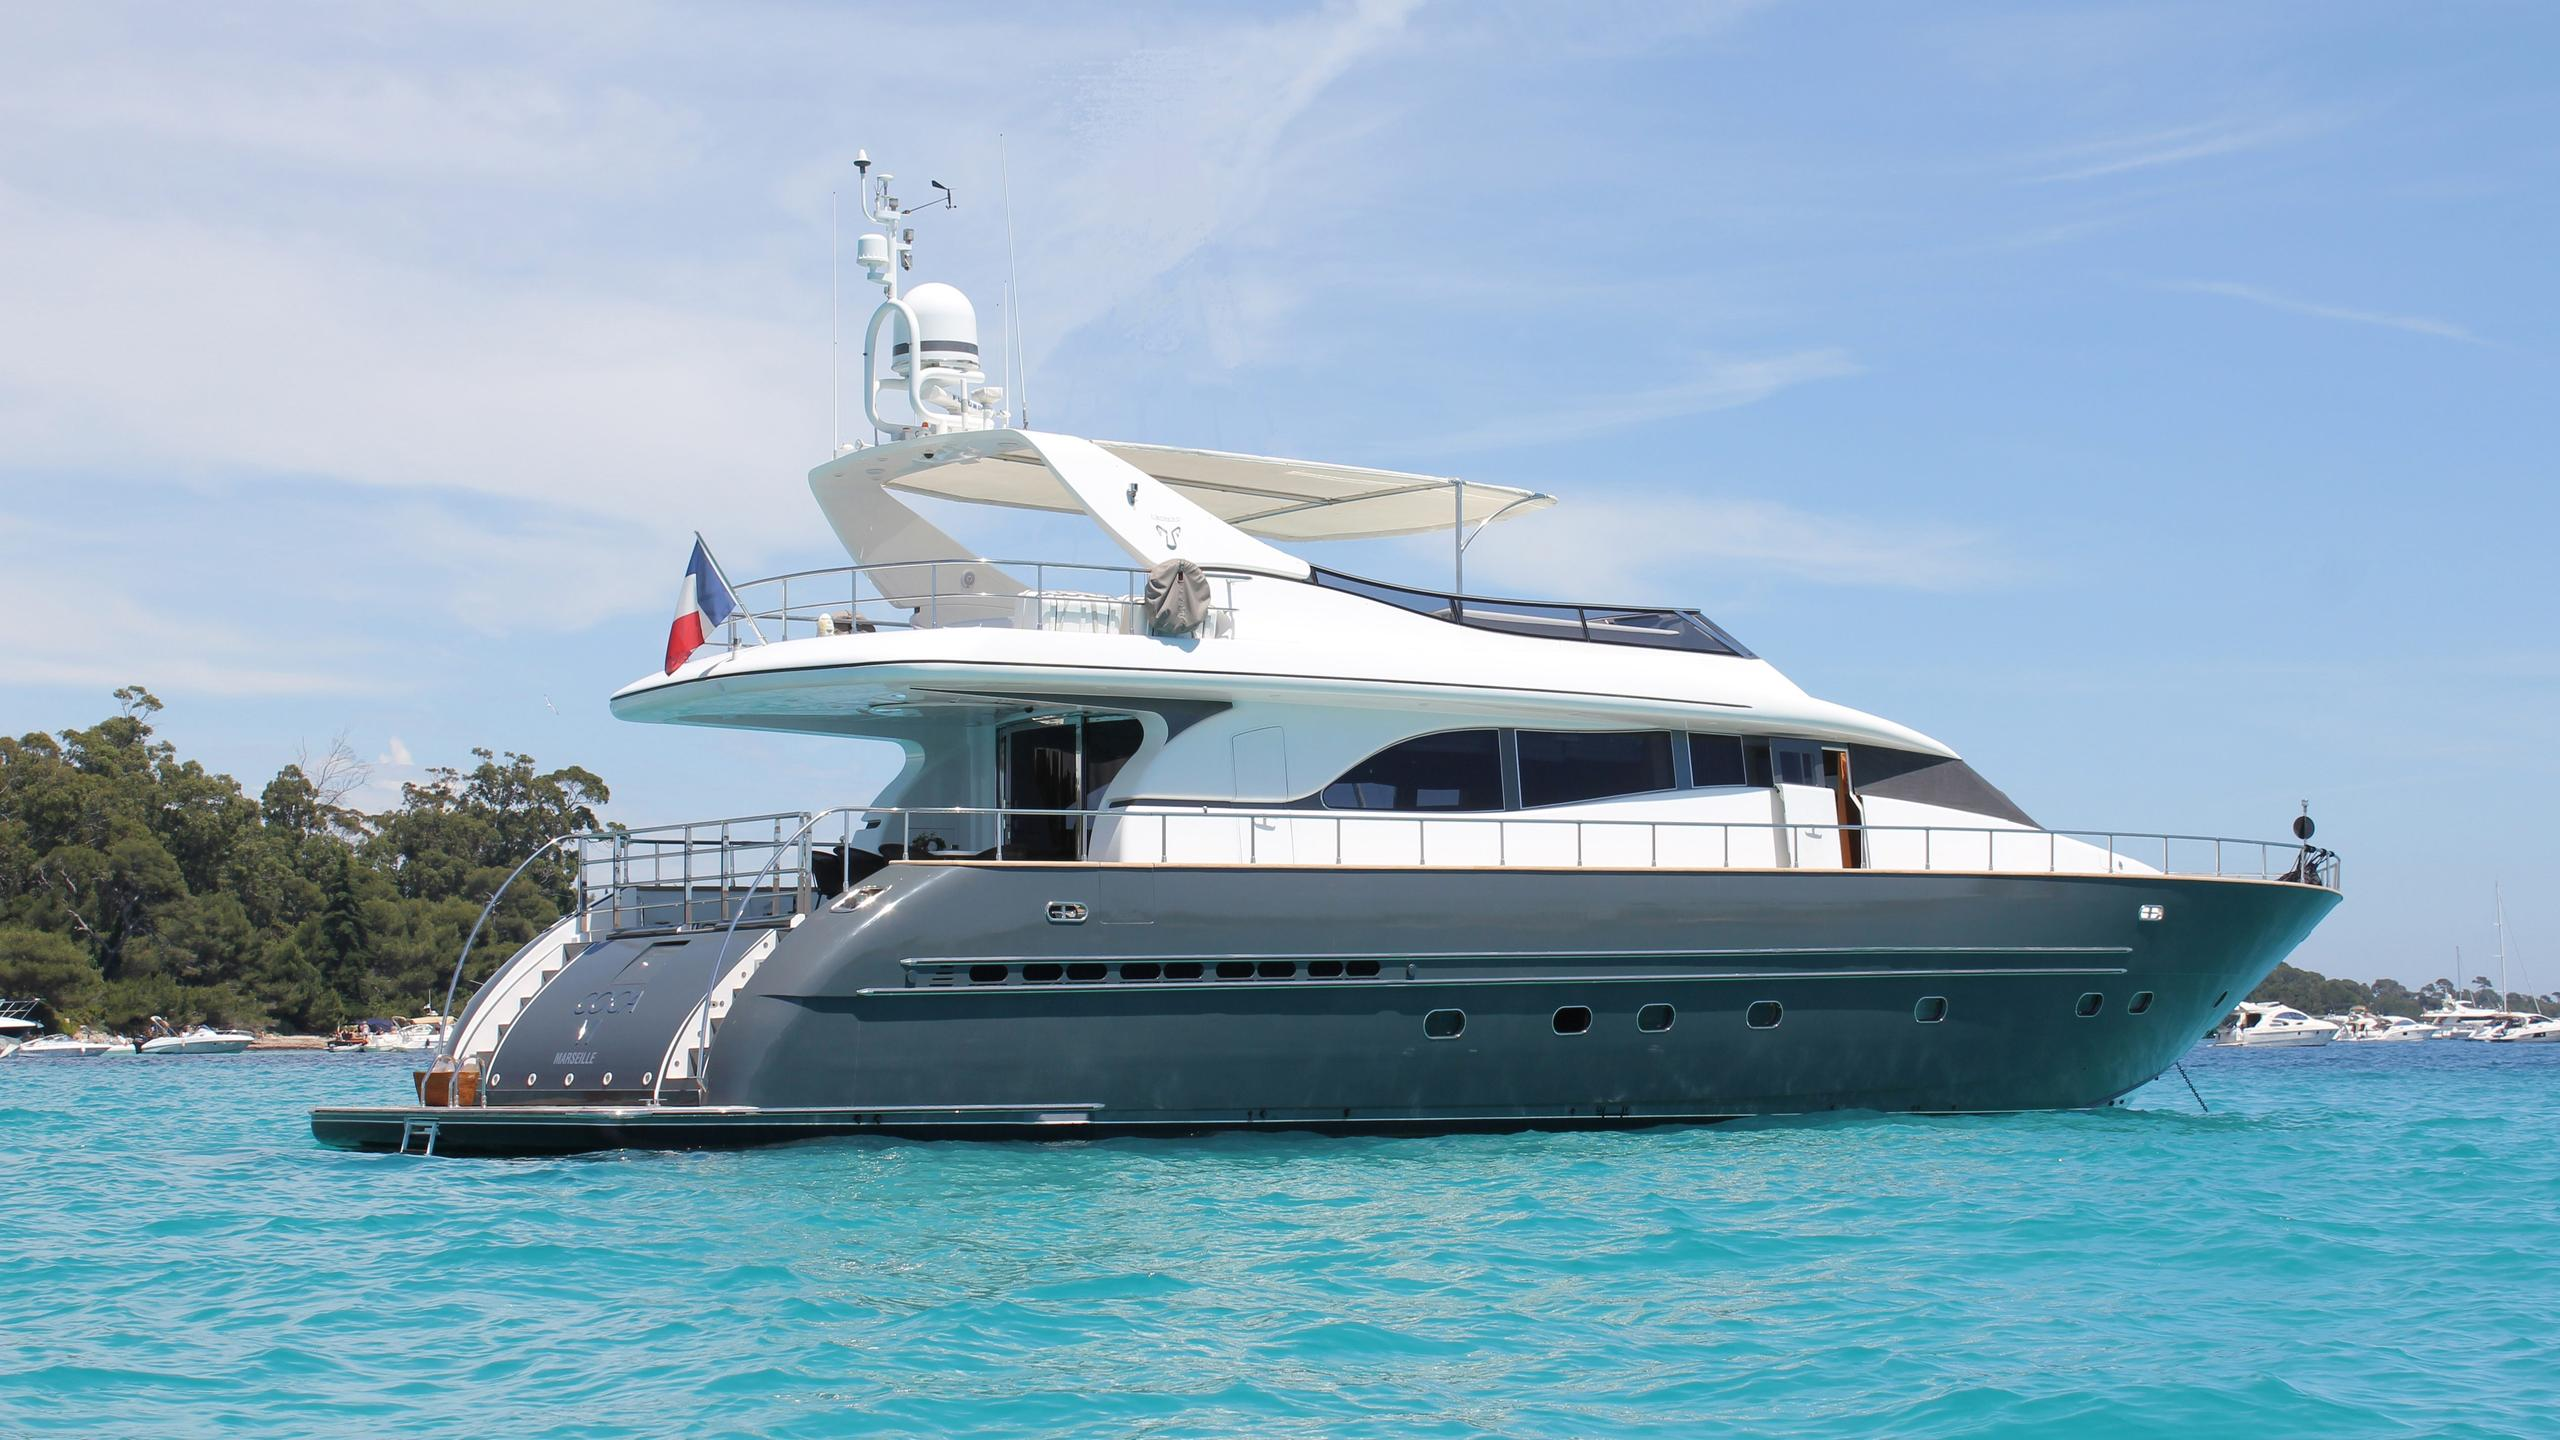 coca-vi-motor-yacht-arno-leopard-26-my-2000-26m-half-profile